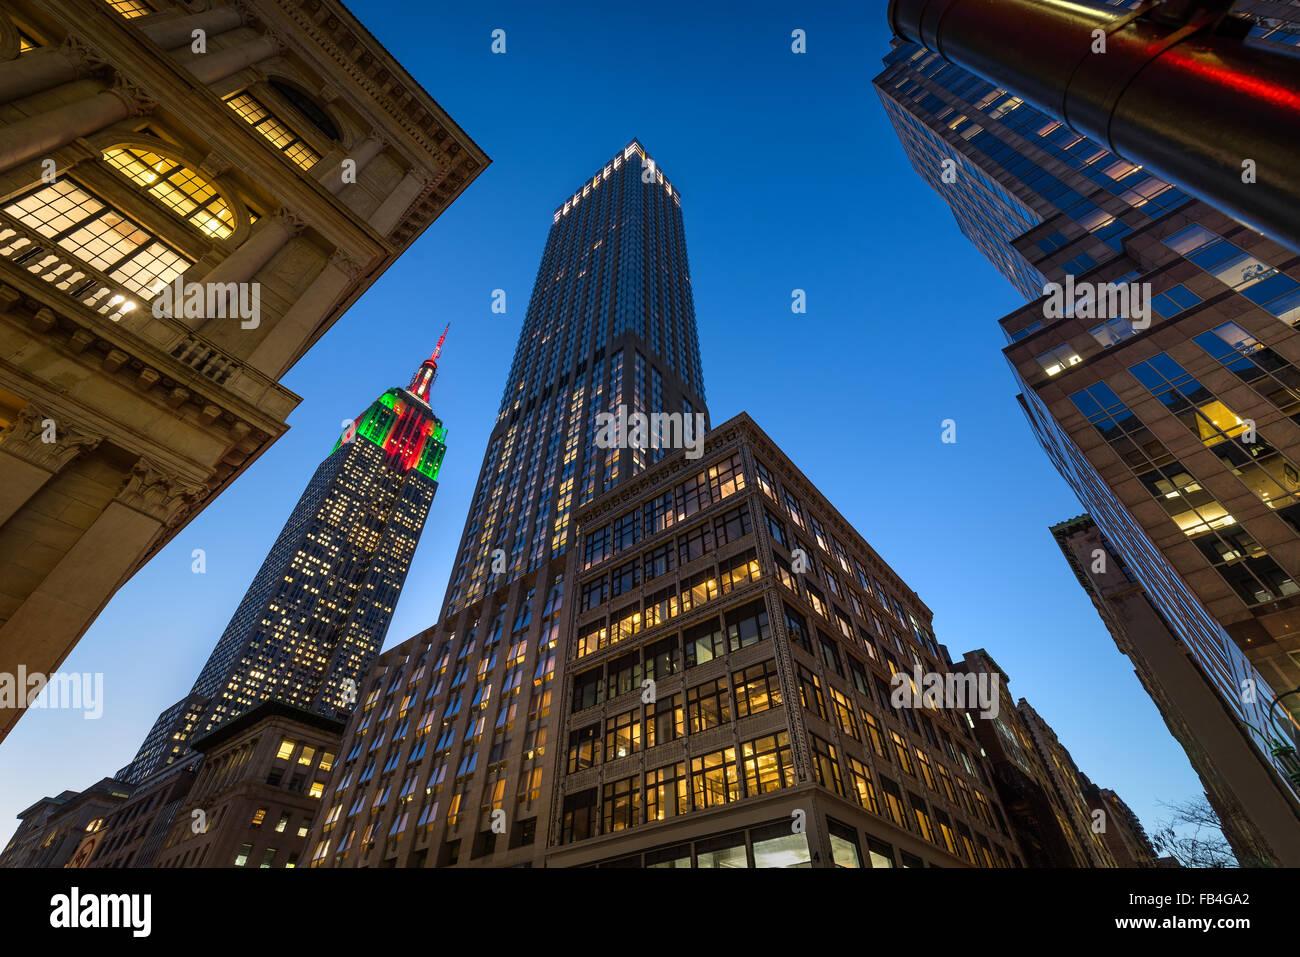 El Empire State Building iluminado con luces de Navidad en penumbra. Los rascacielos en 5th Avenue, Midtown Manhattan, Imagen De Stock